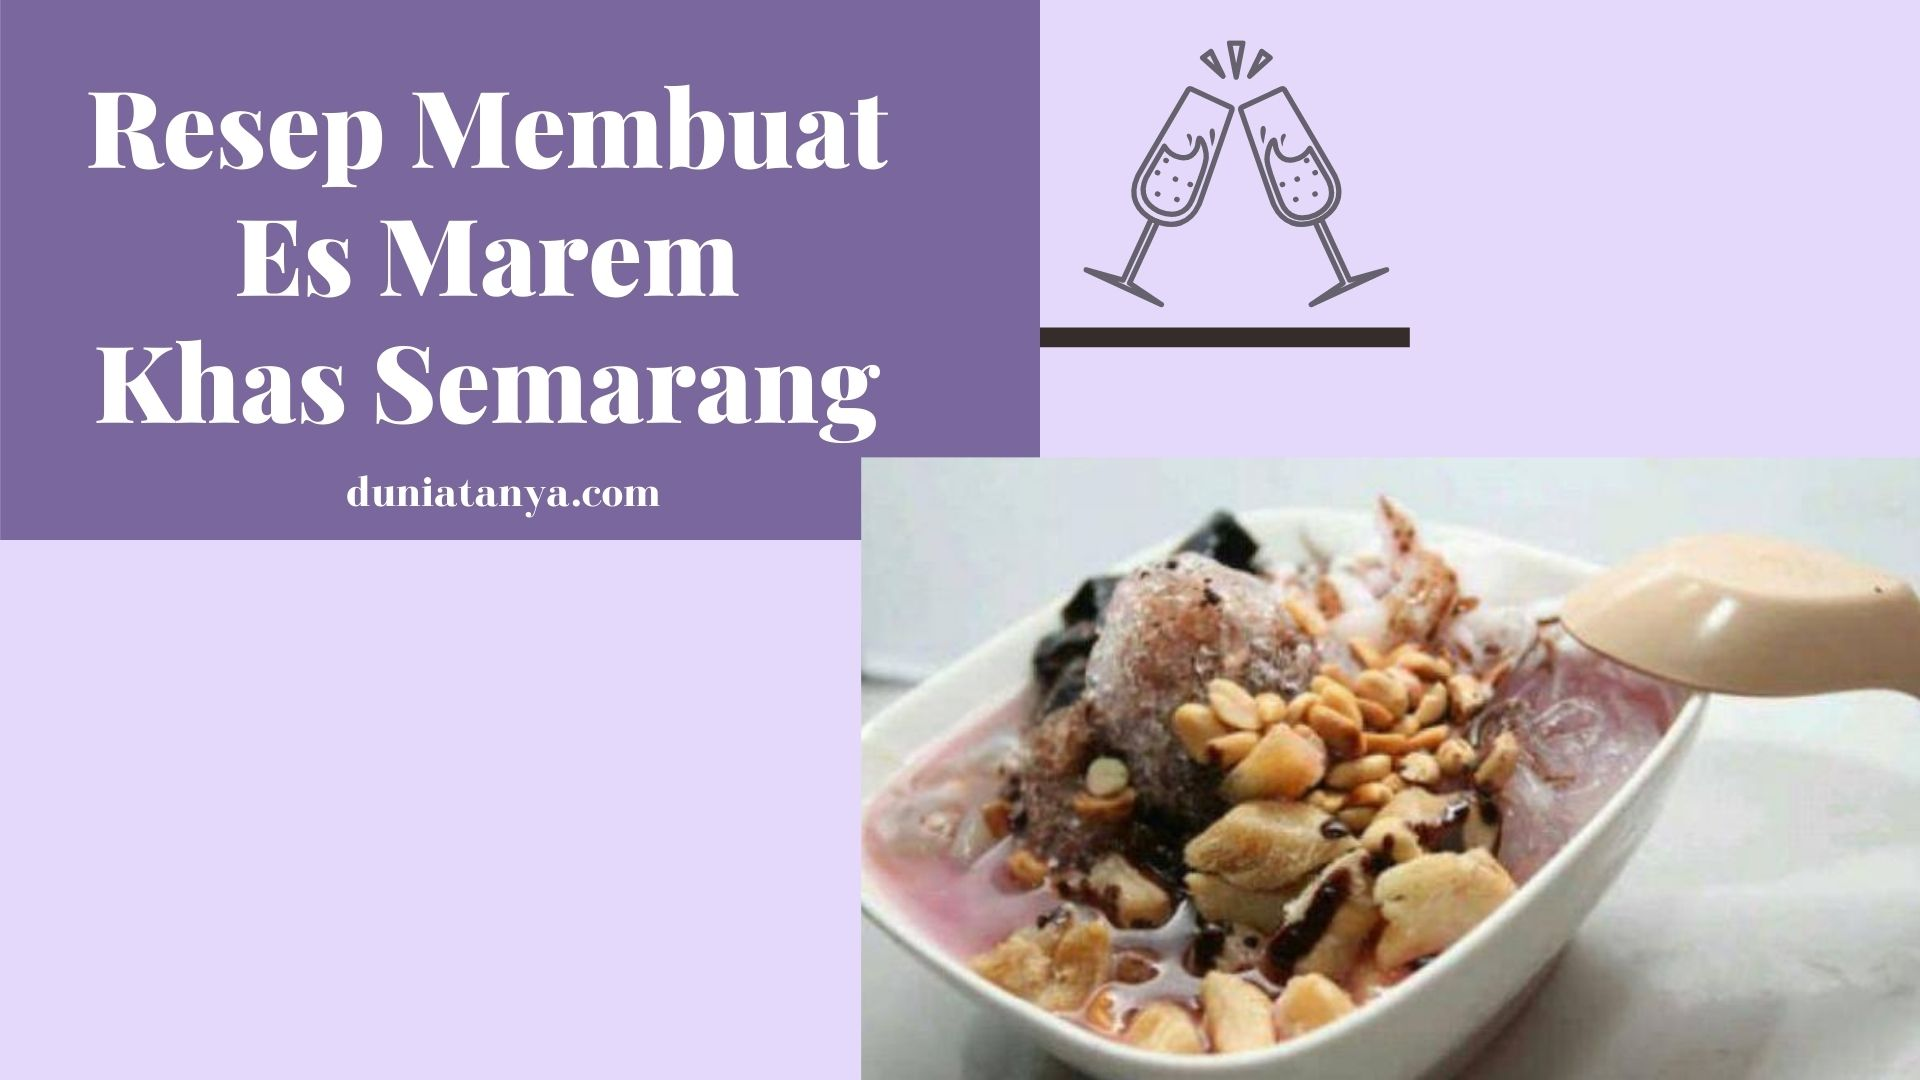 You are currently viewing Resep Membuat Es Marem Khas Semarang